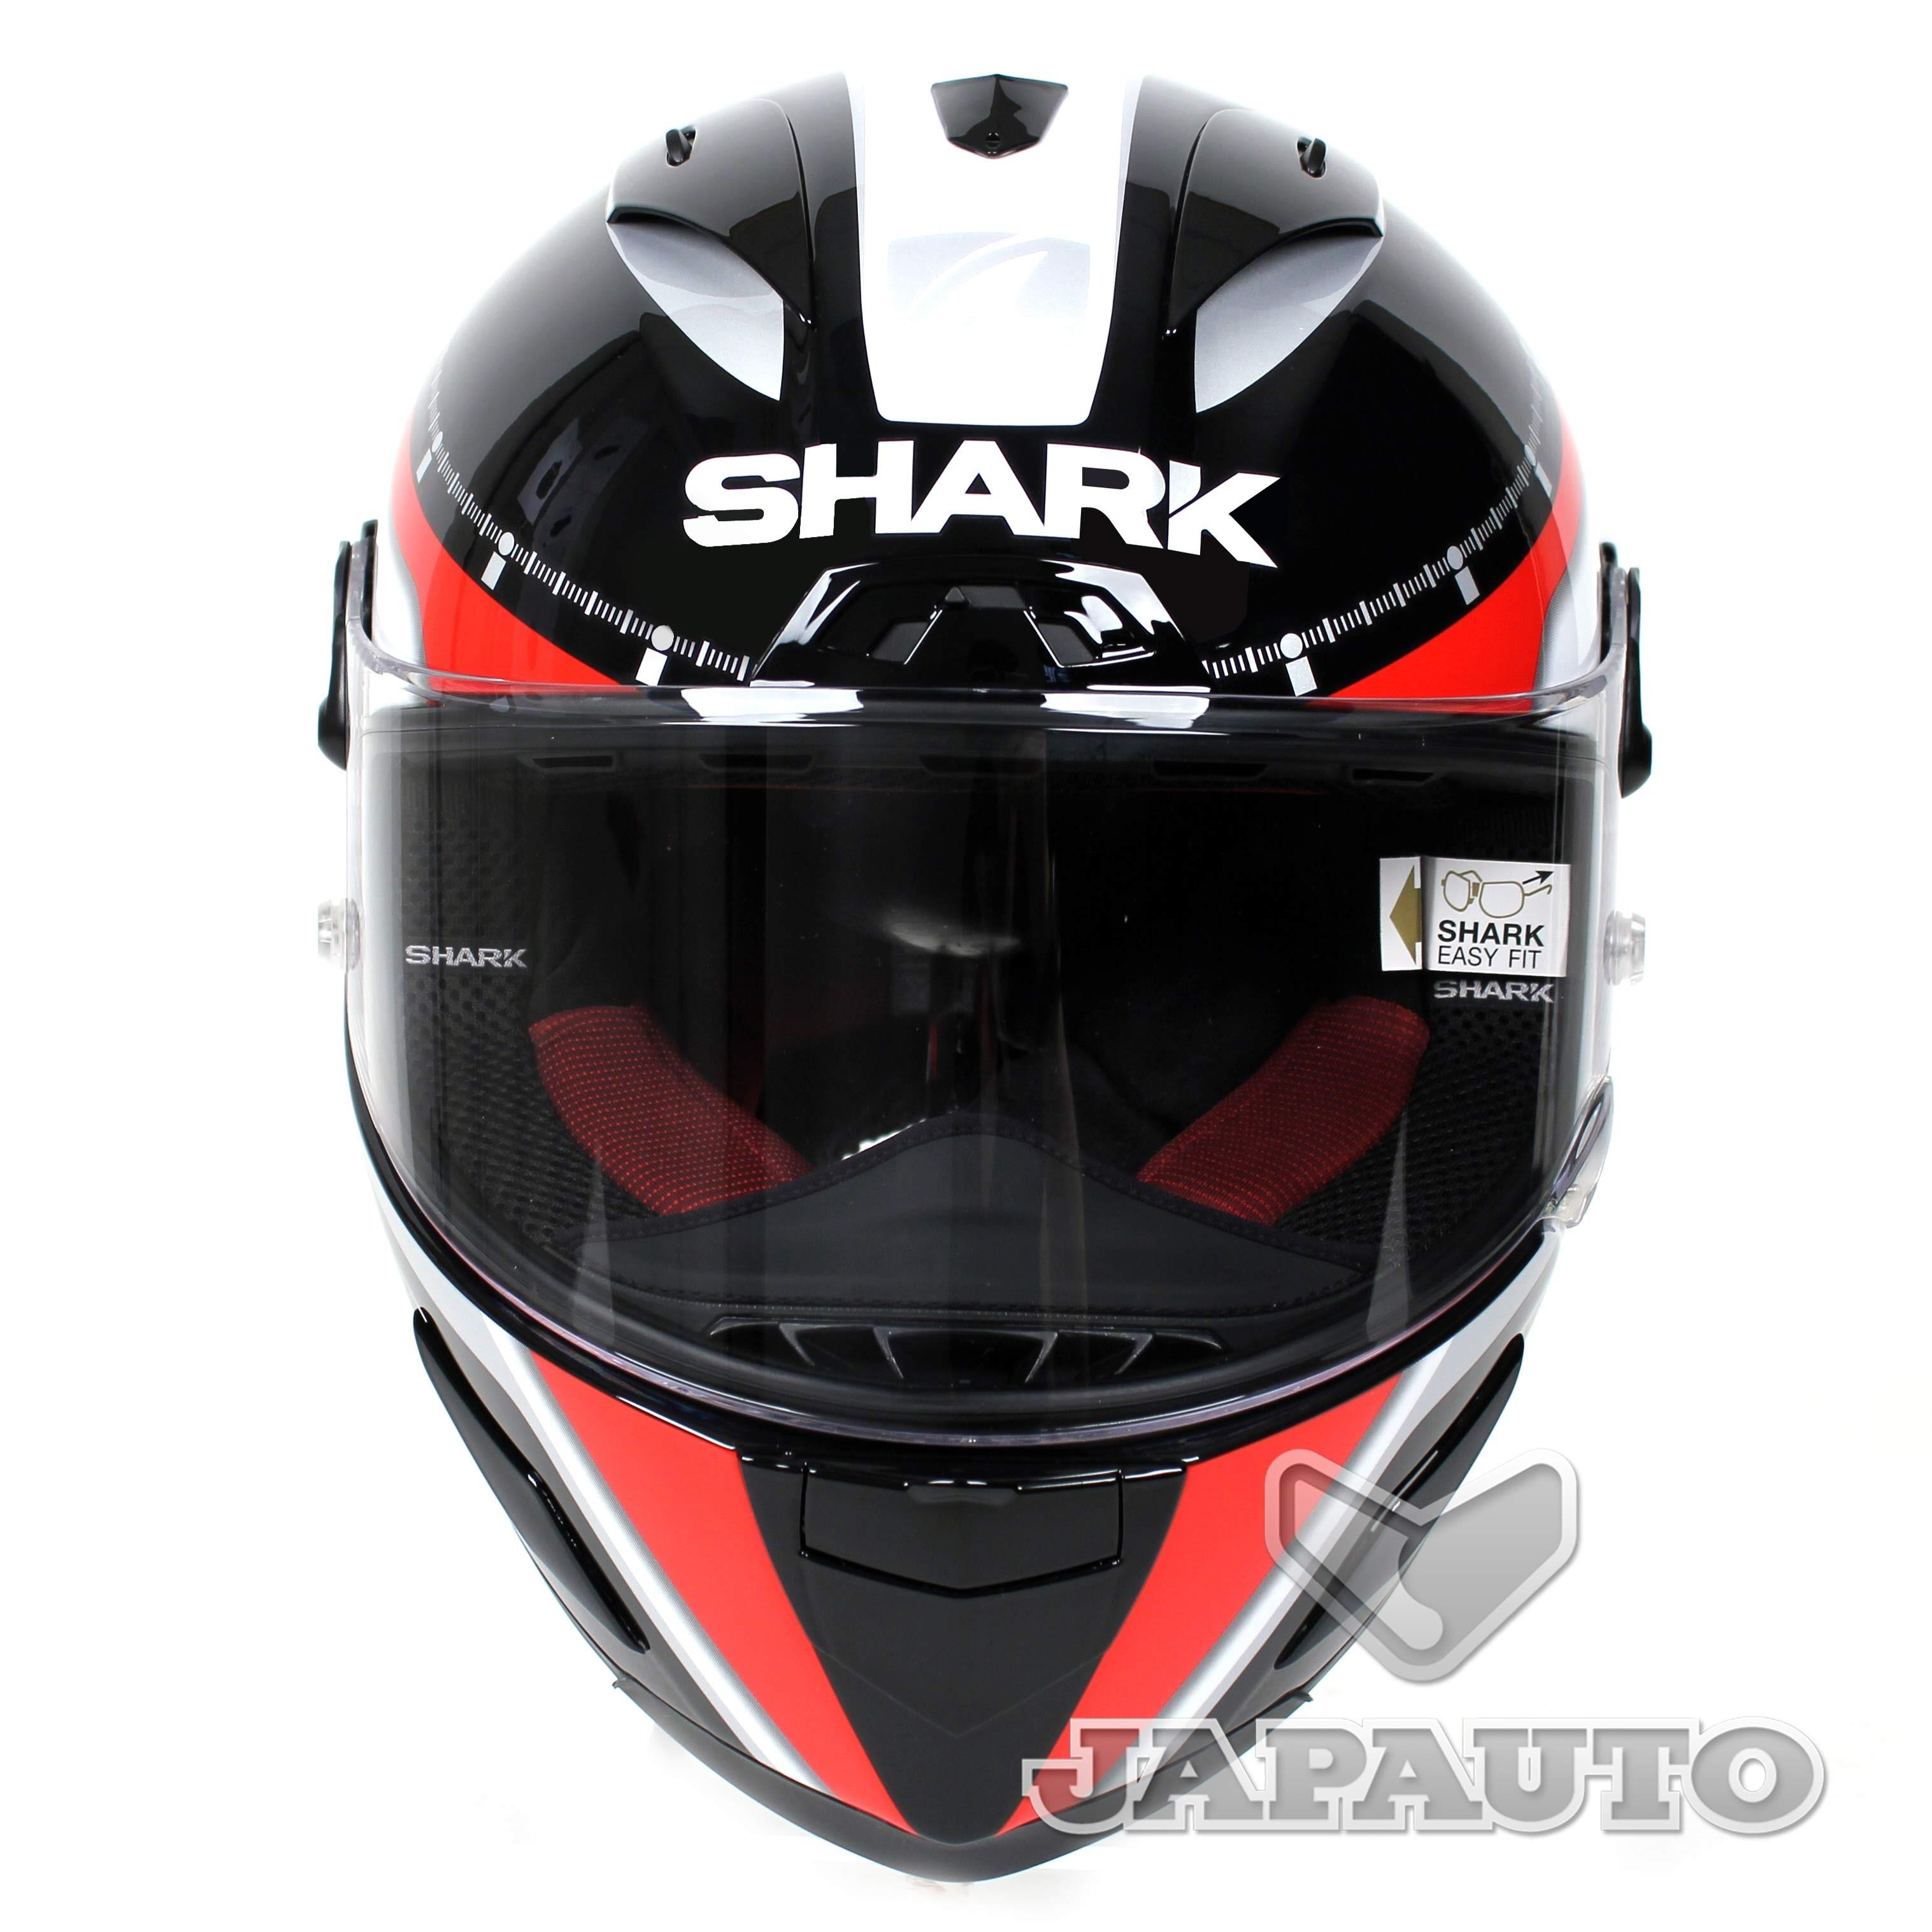 casque int gral shark race r pro carbon noir blanc rouge japauto accessoires equipement. Black Bedroom Furniture Sets. Home Design Ideas